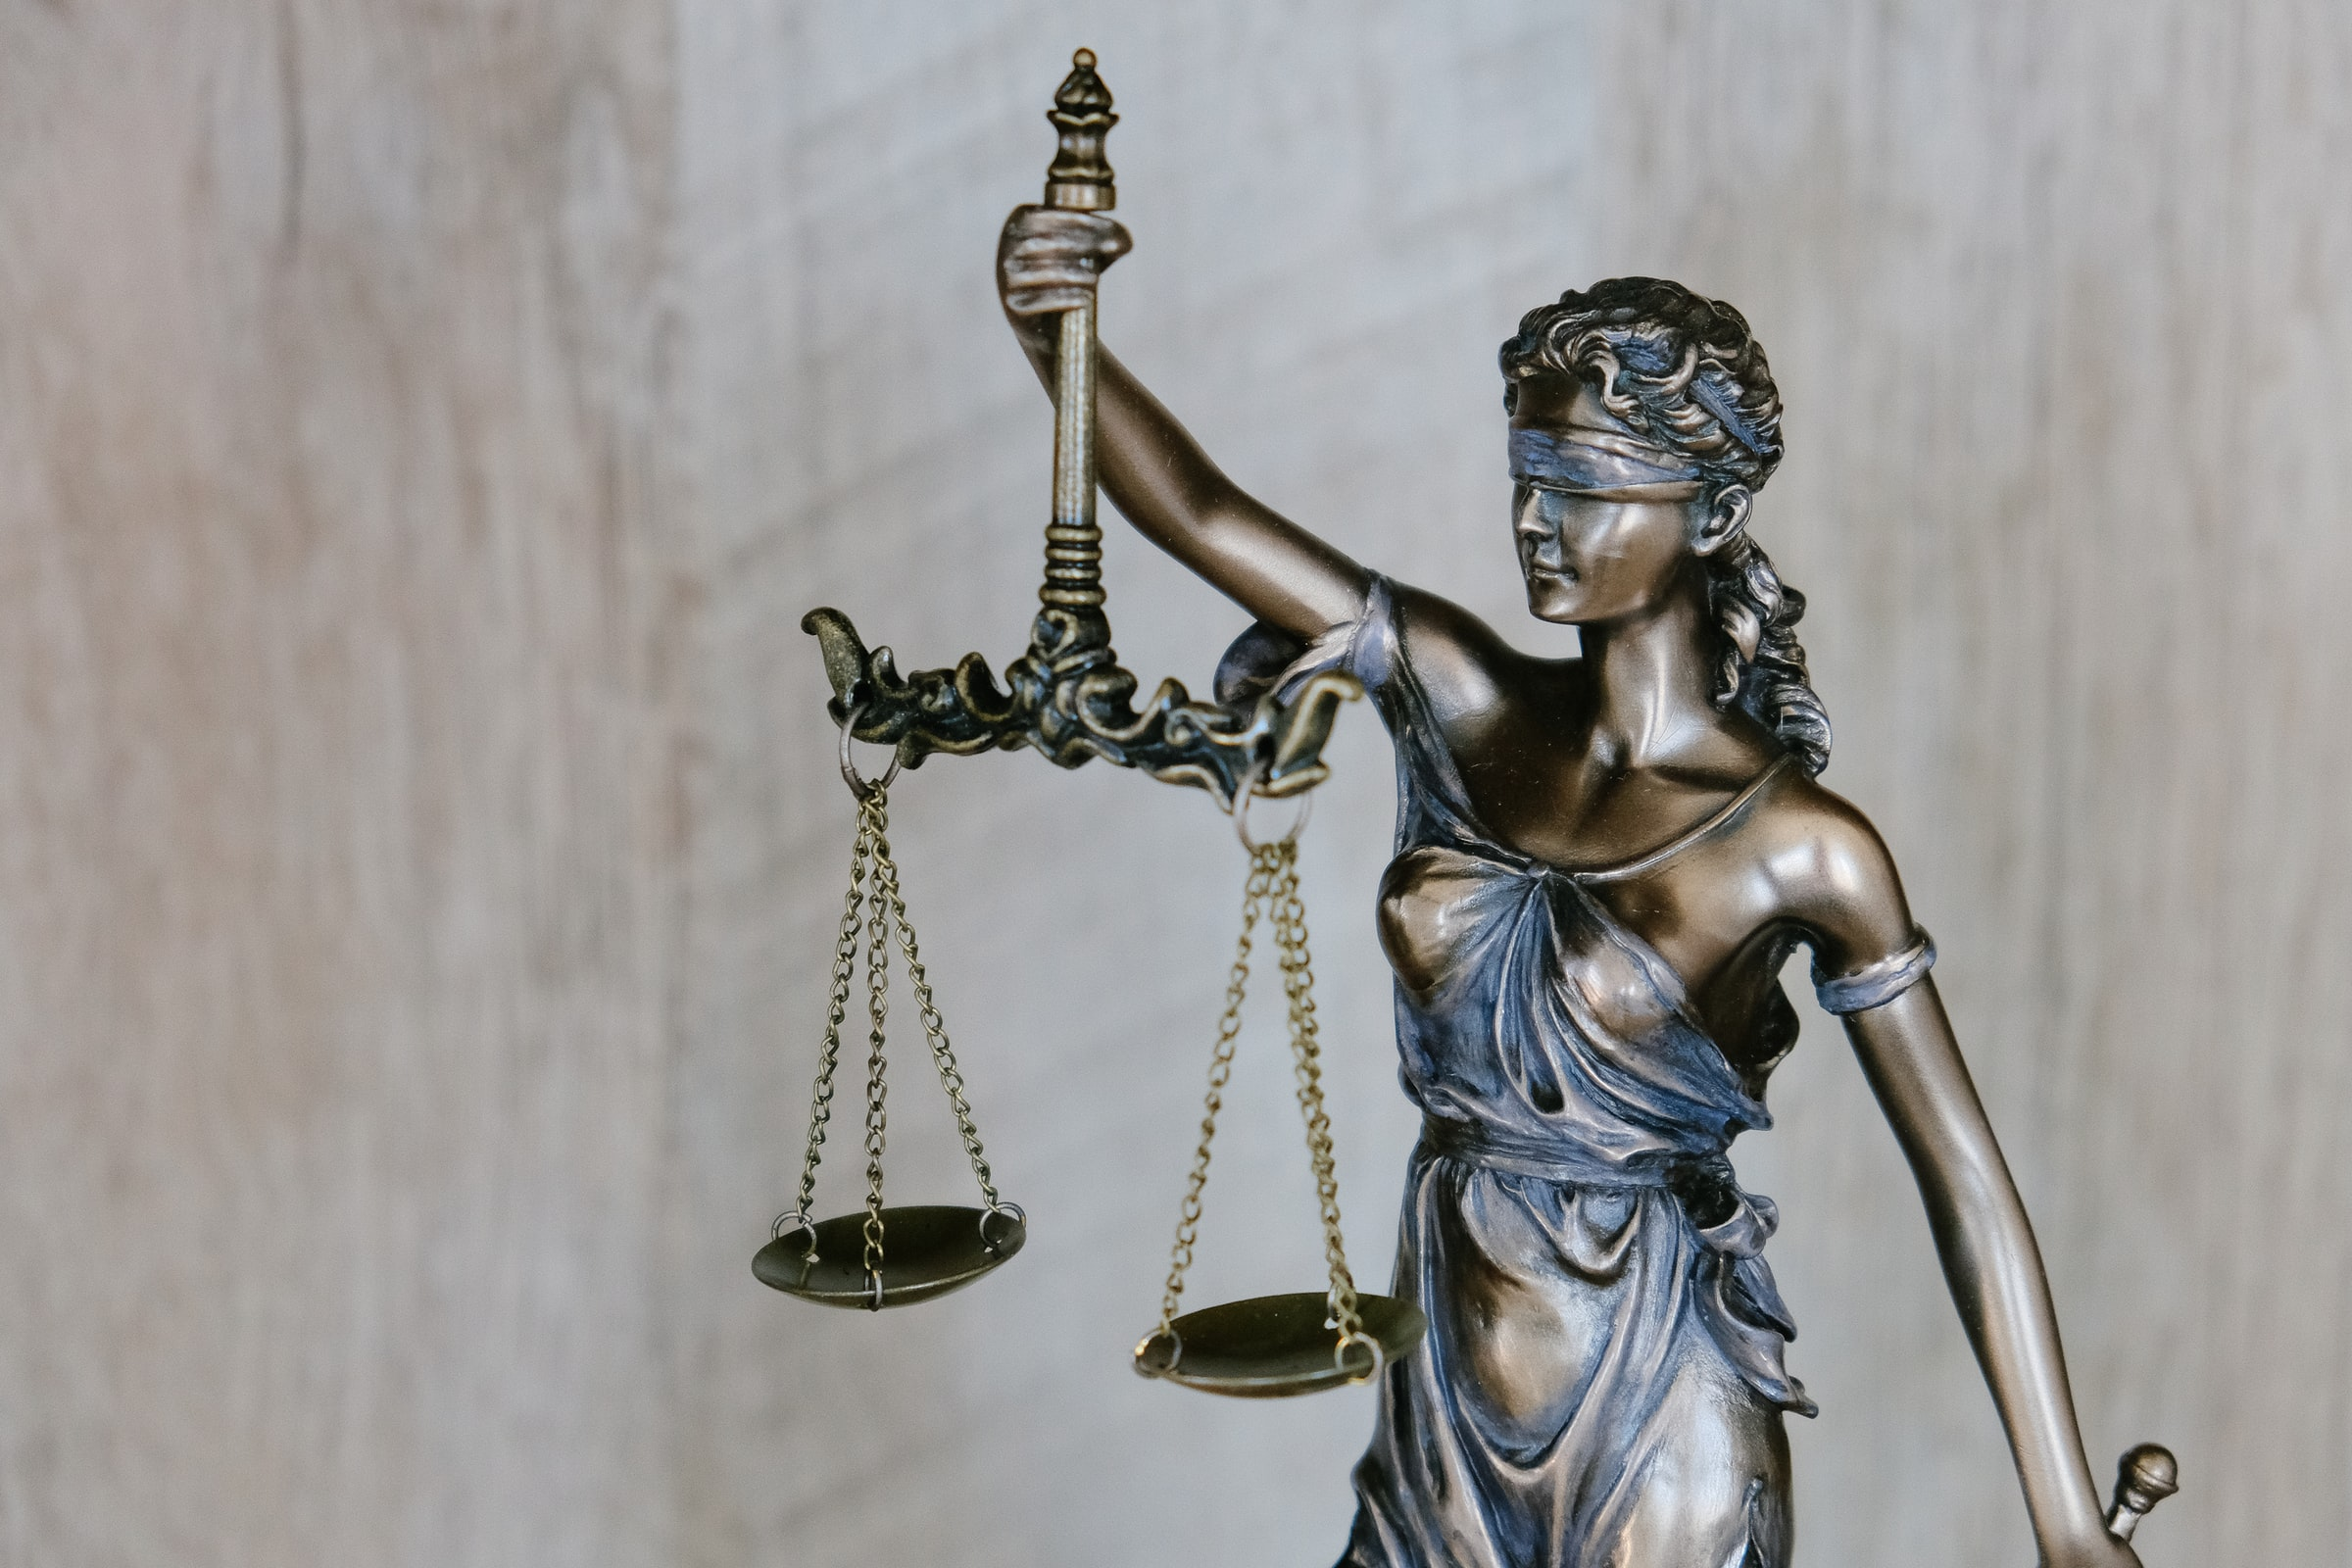 Nyderlandų teismas pasisakė apie 5G